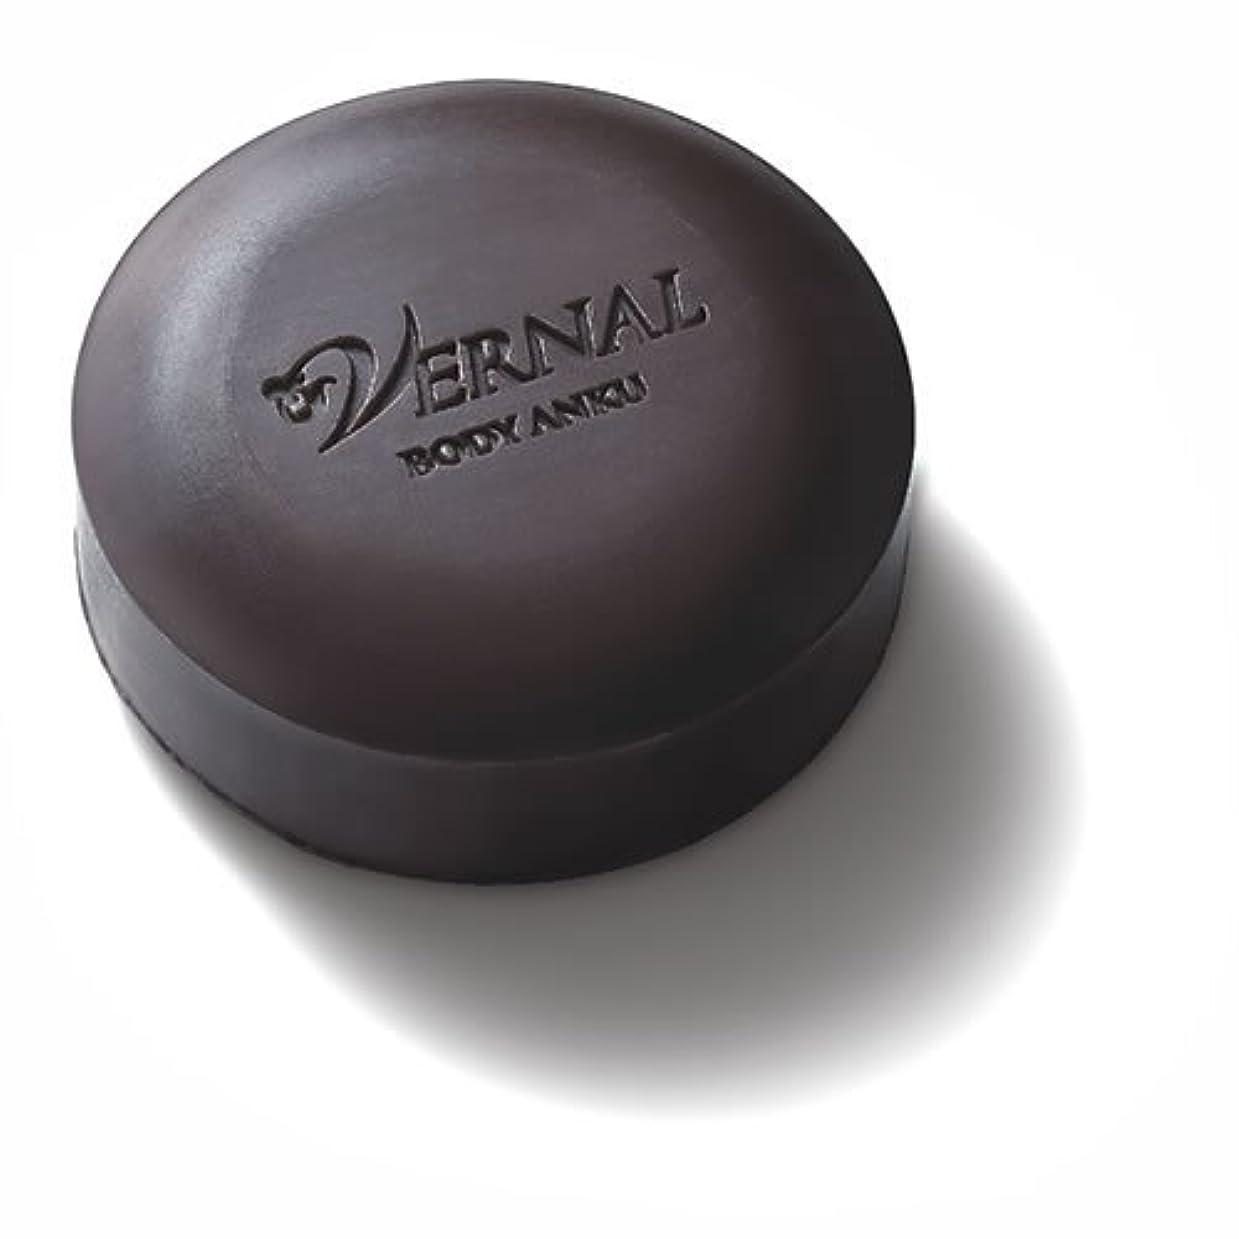 直立フェードアウト矩形ボディアンク/ヴァーナル ボディ用 石鹸 デオドラント